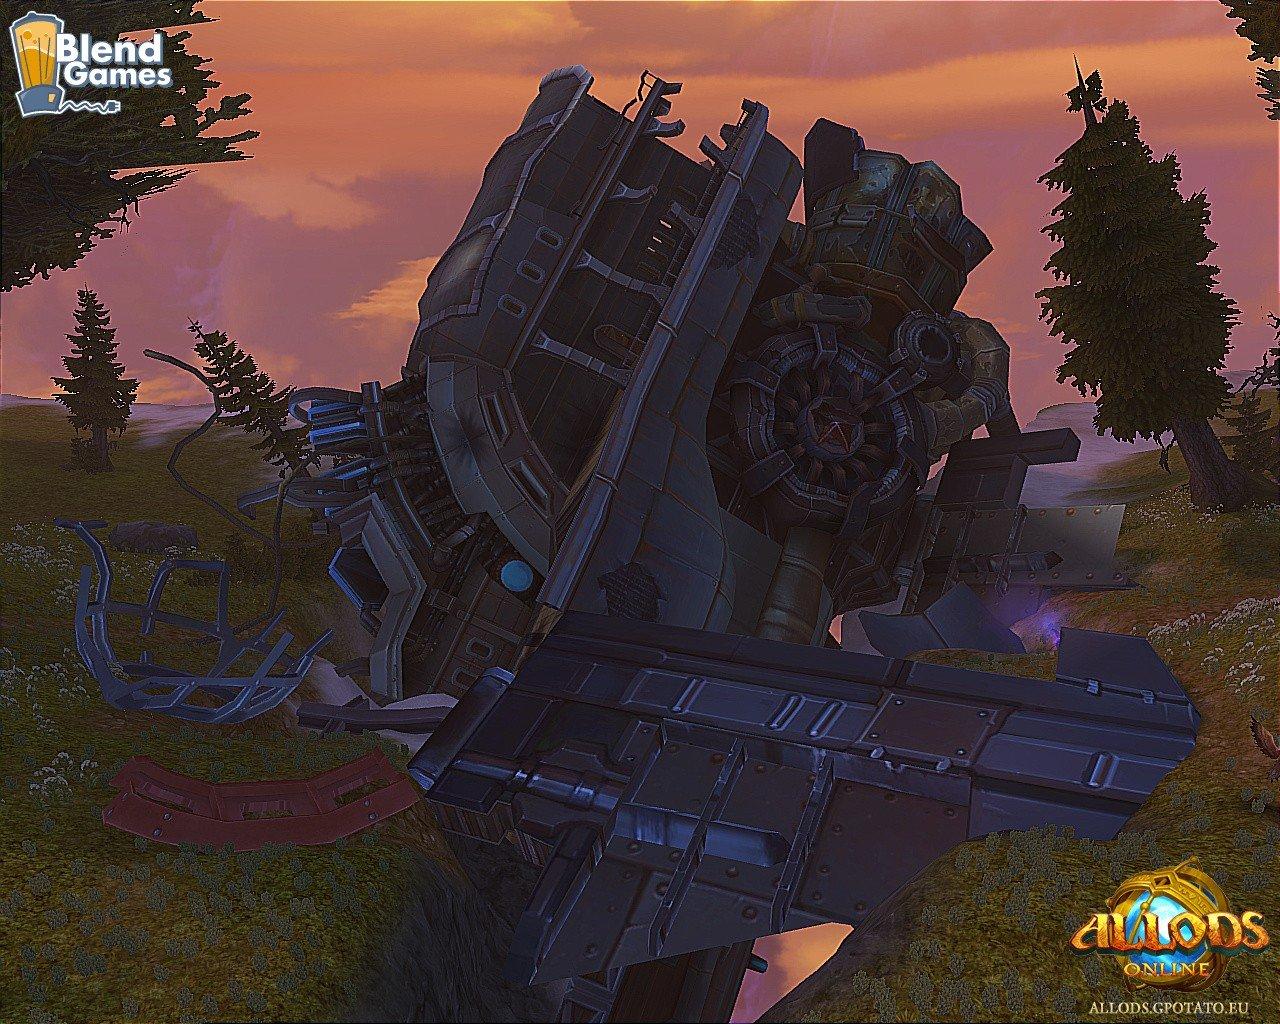 Allods Online Final Closed-Beta Screenshots #11490